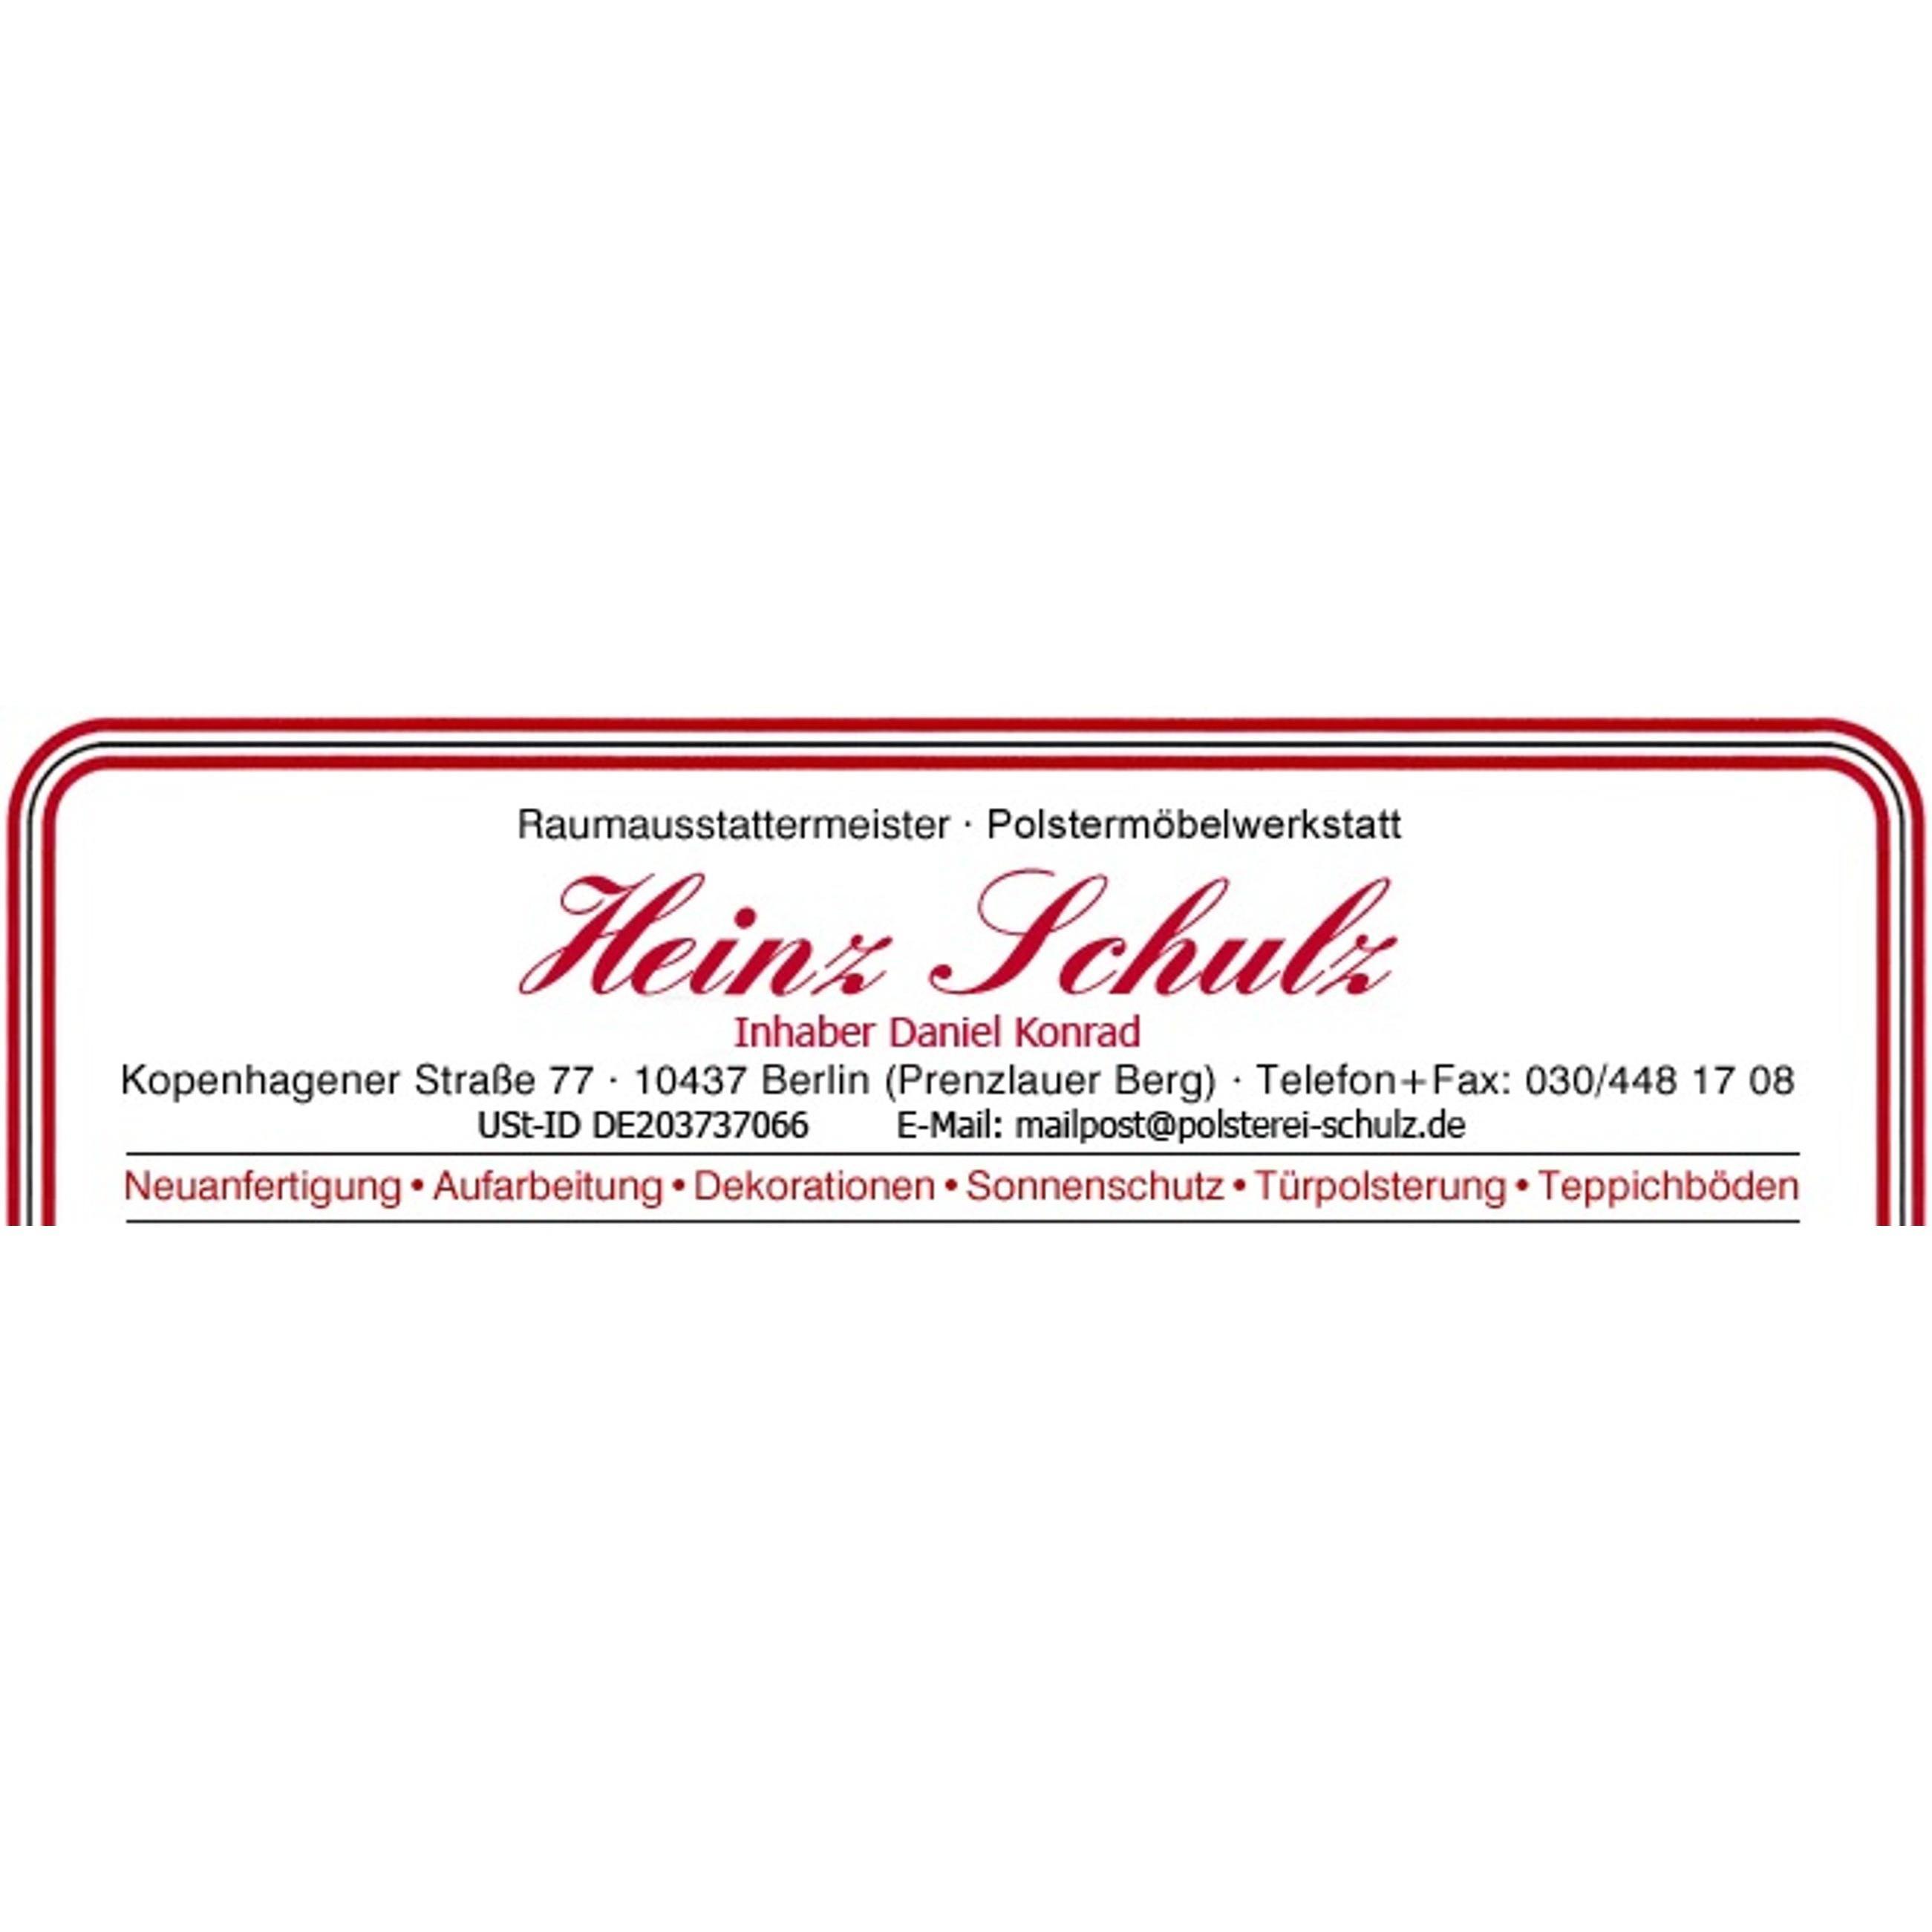 Bild zu Raumausstatter-Meisterbetrieb Heinz Schulz, Inh. D. Konrad in Berlin